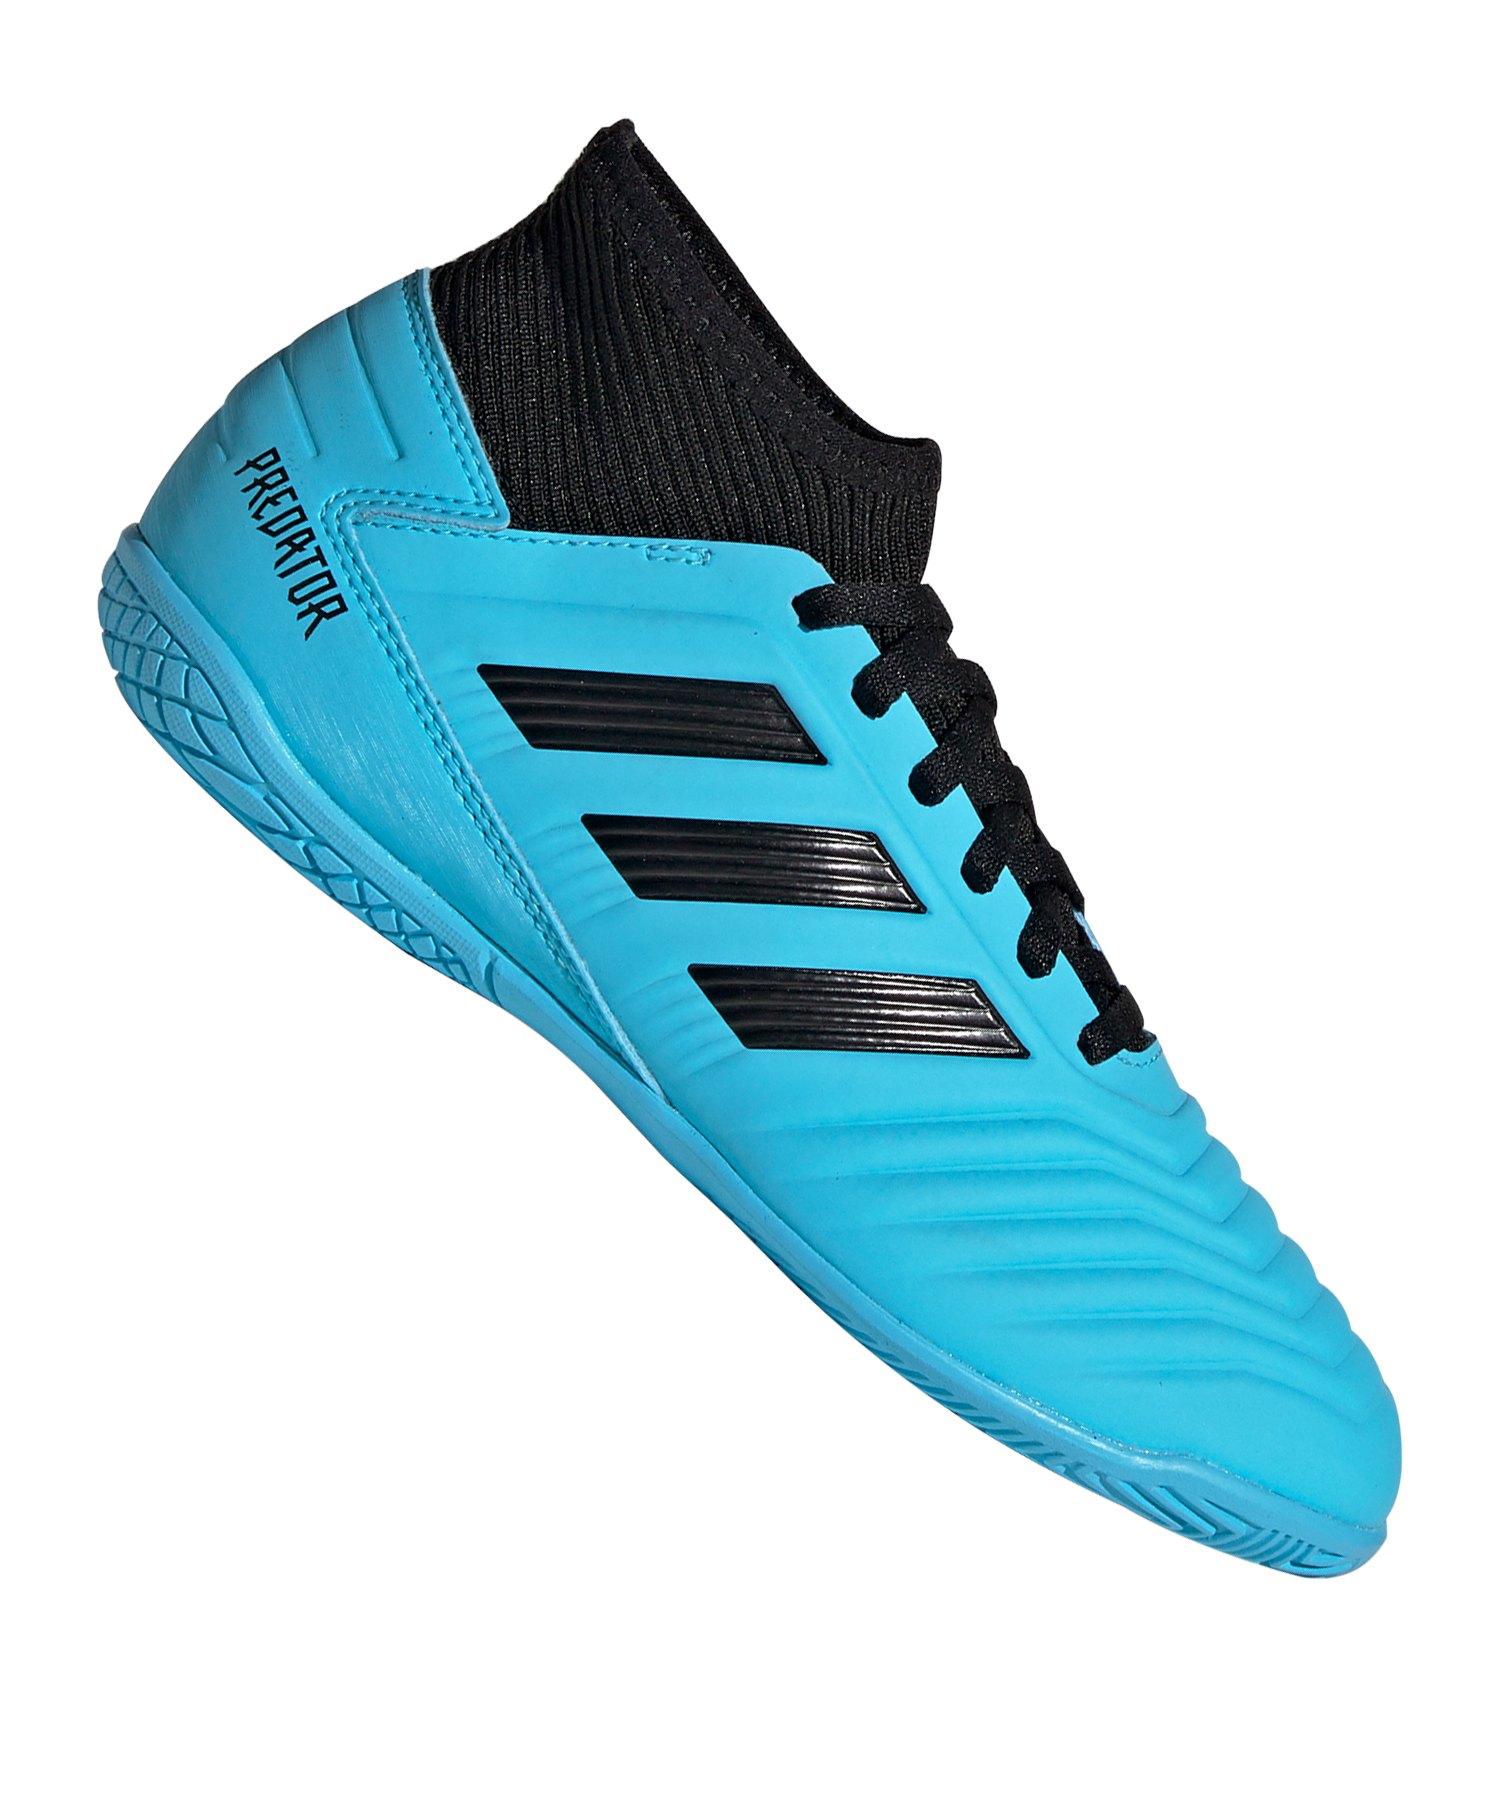 adidas Predator 19.3 IN Halle J Kids Blau Schwarz - blau